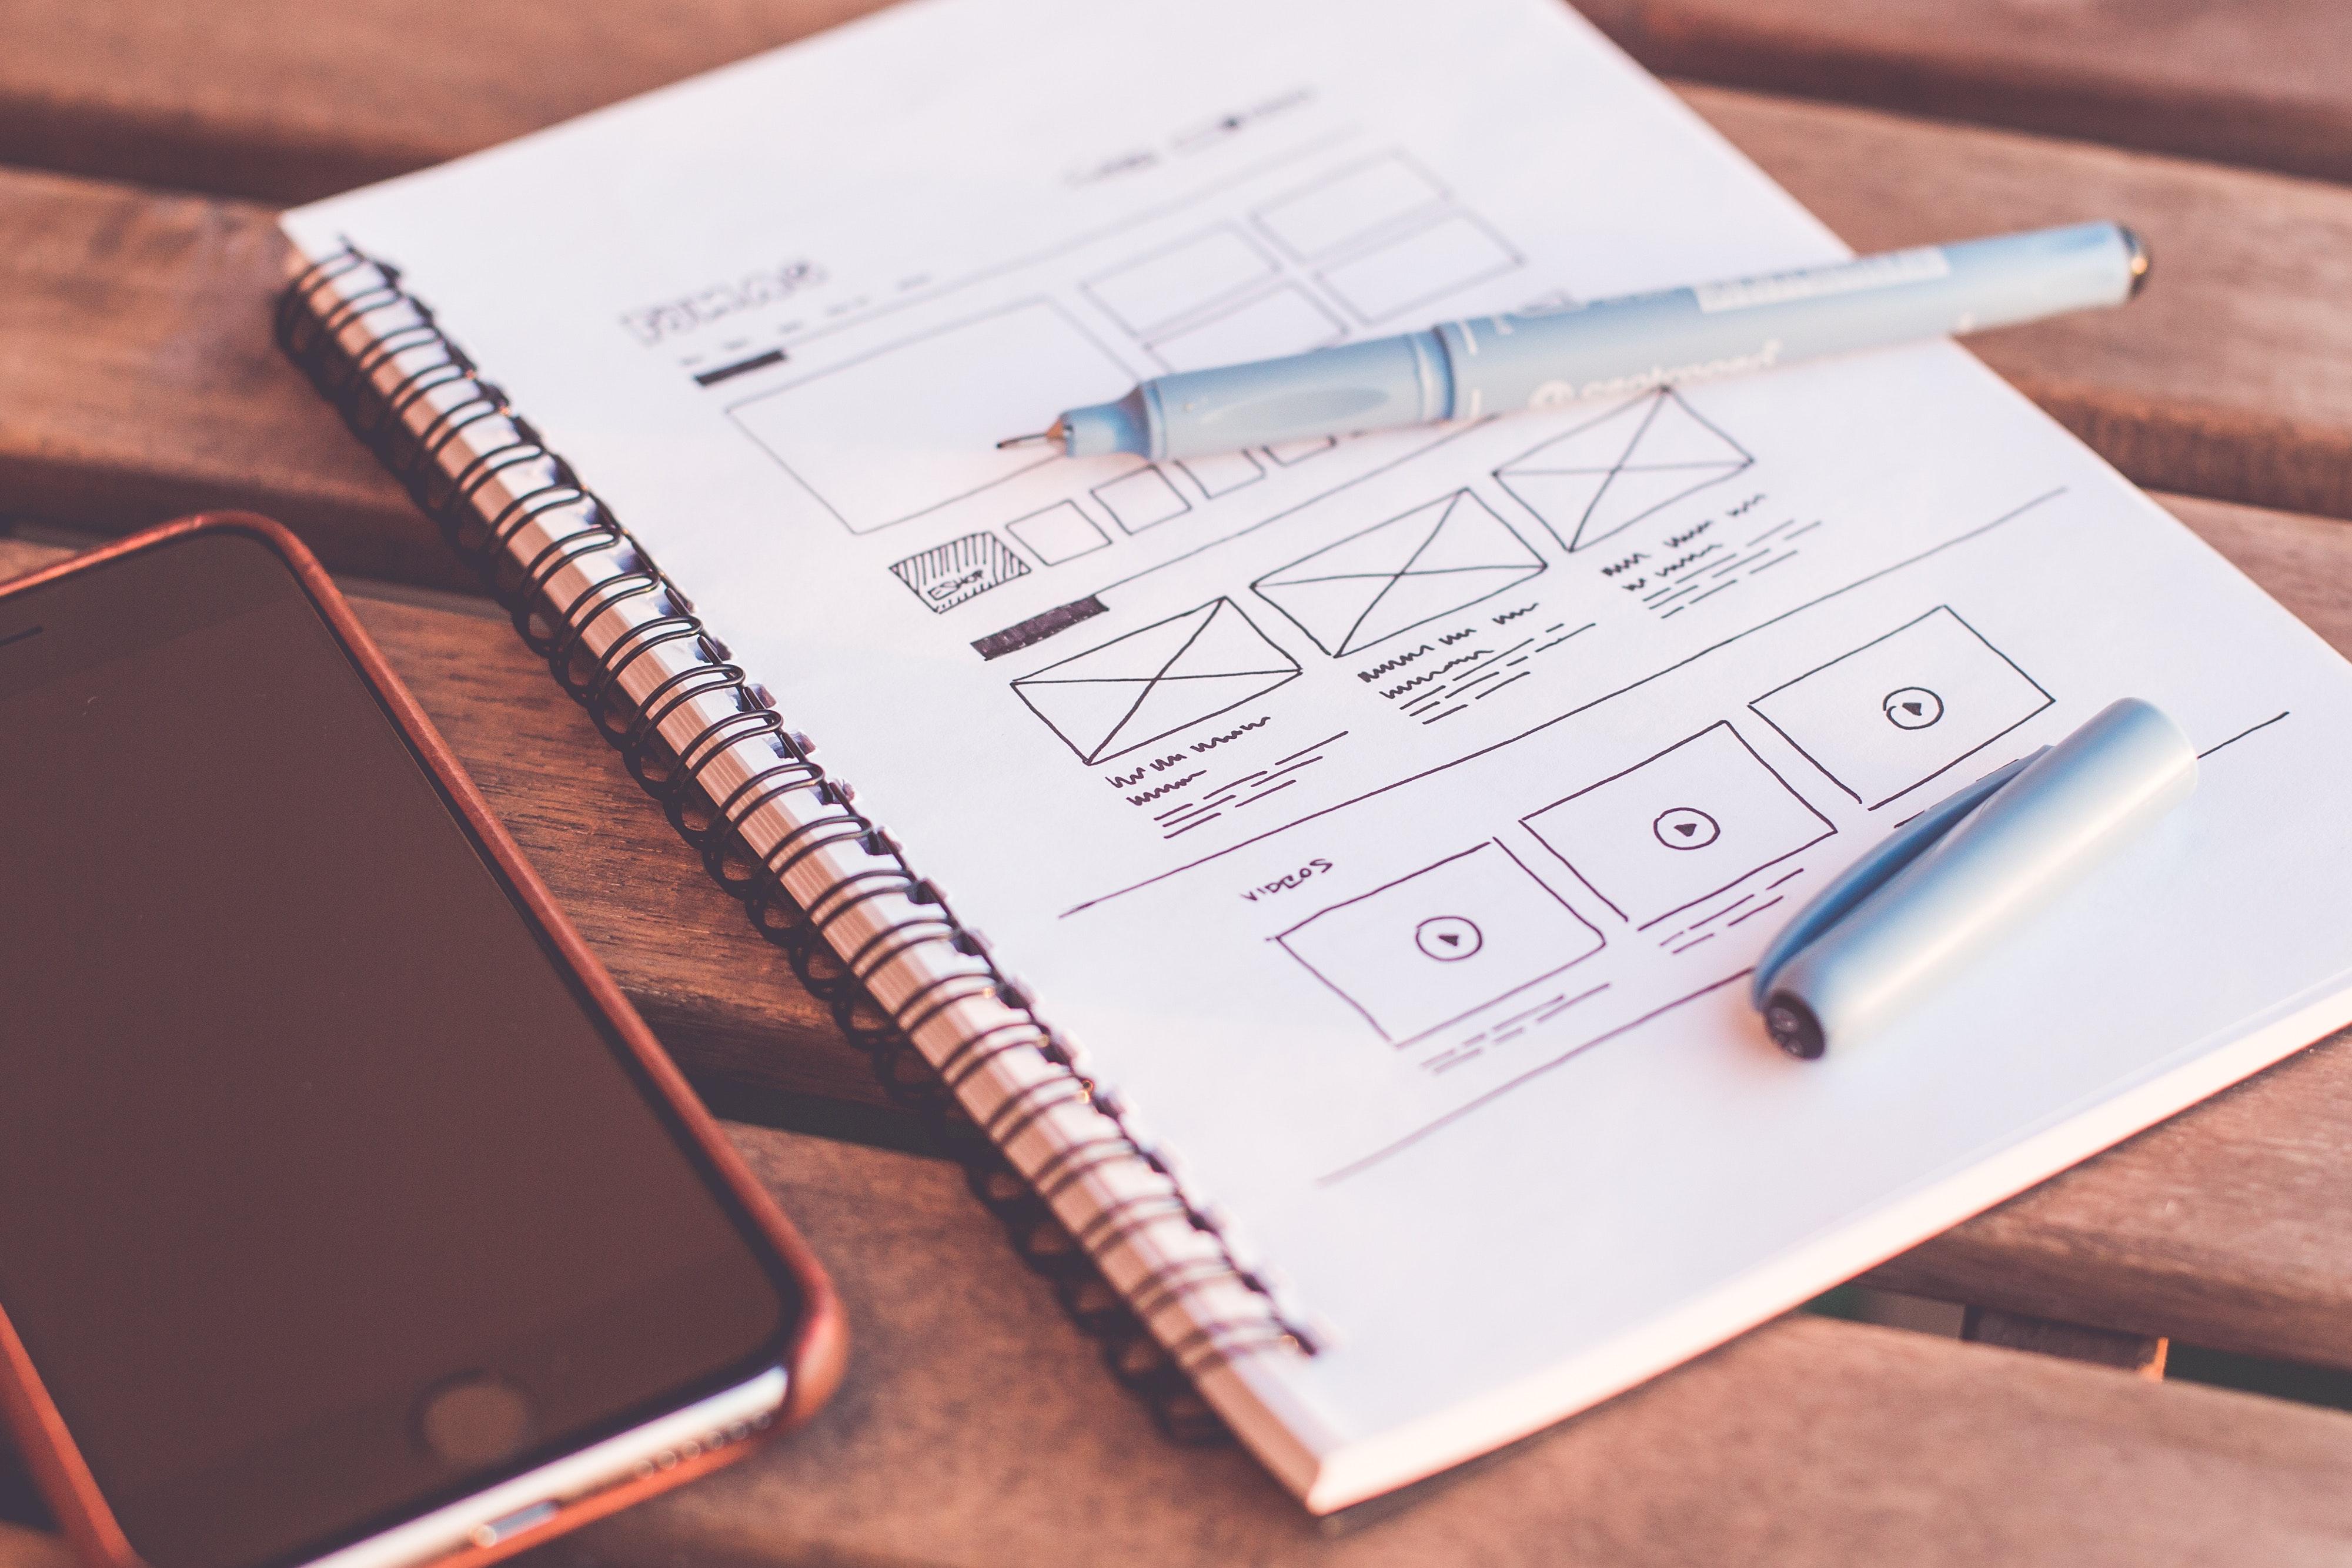 UX Design & UI Design